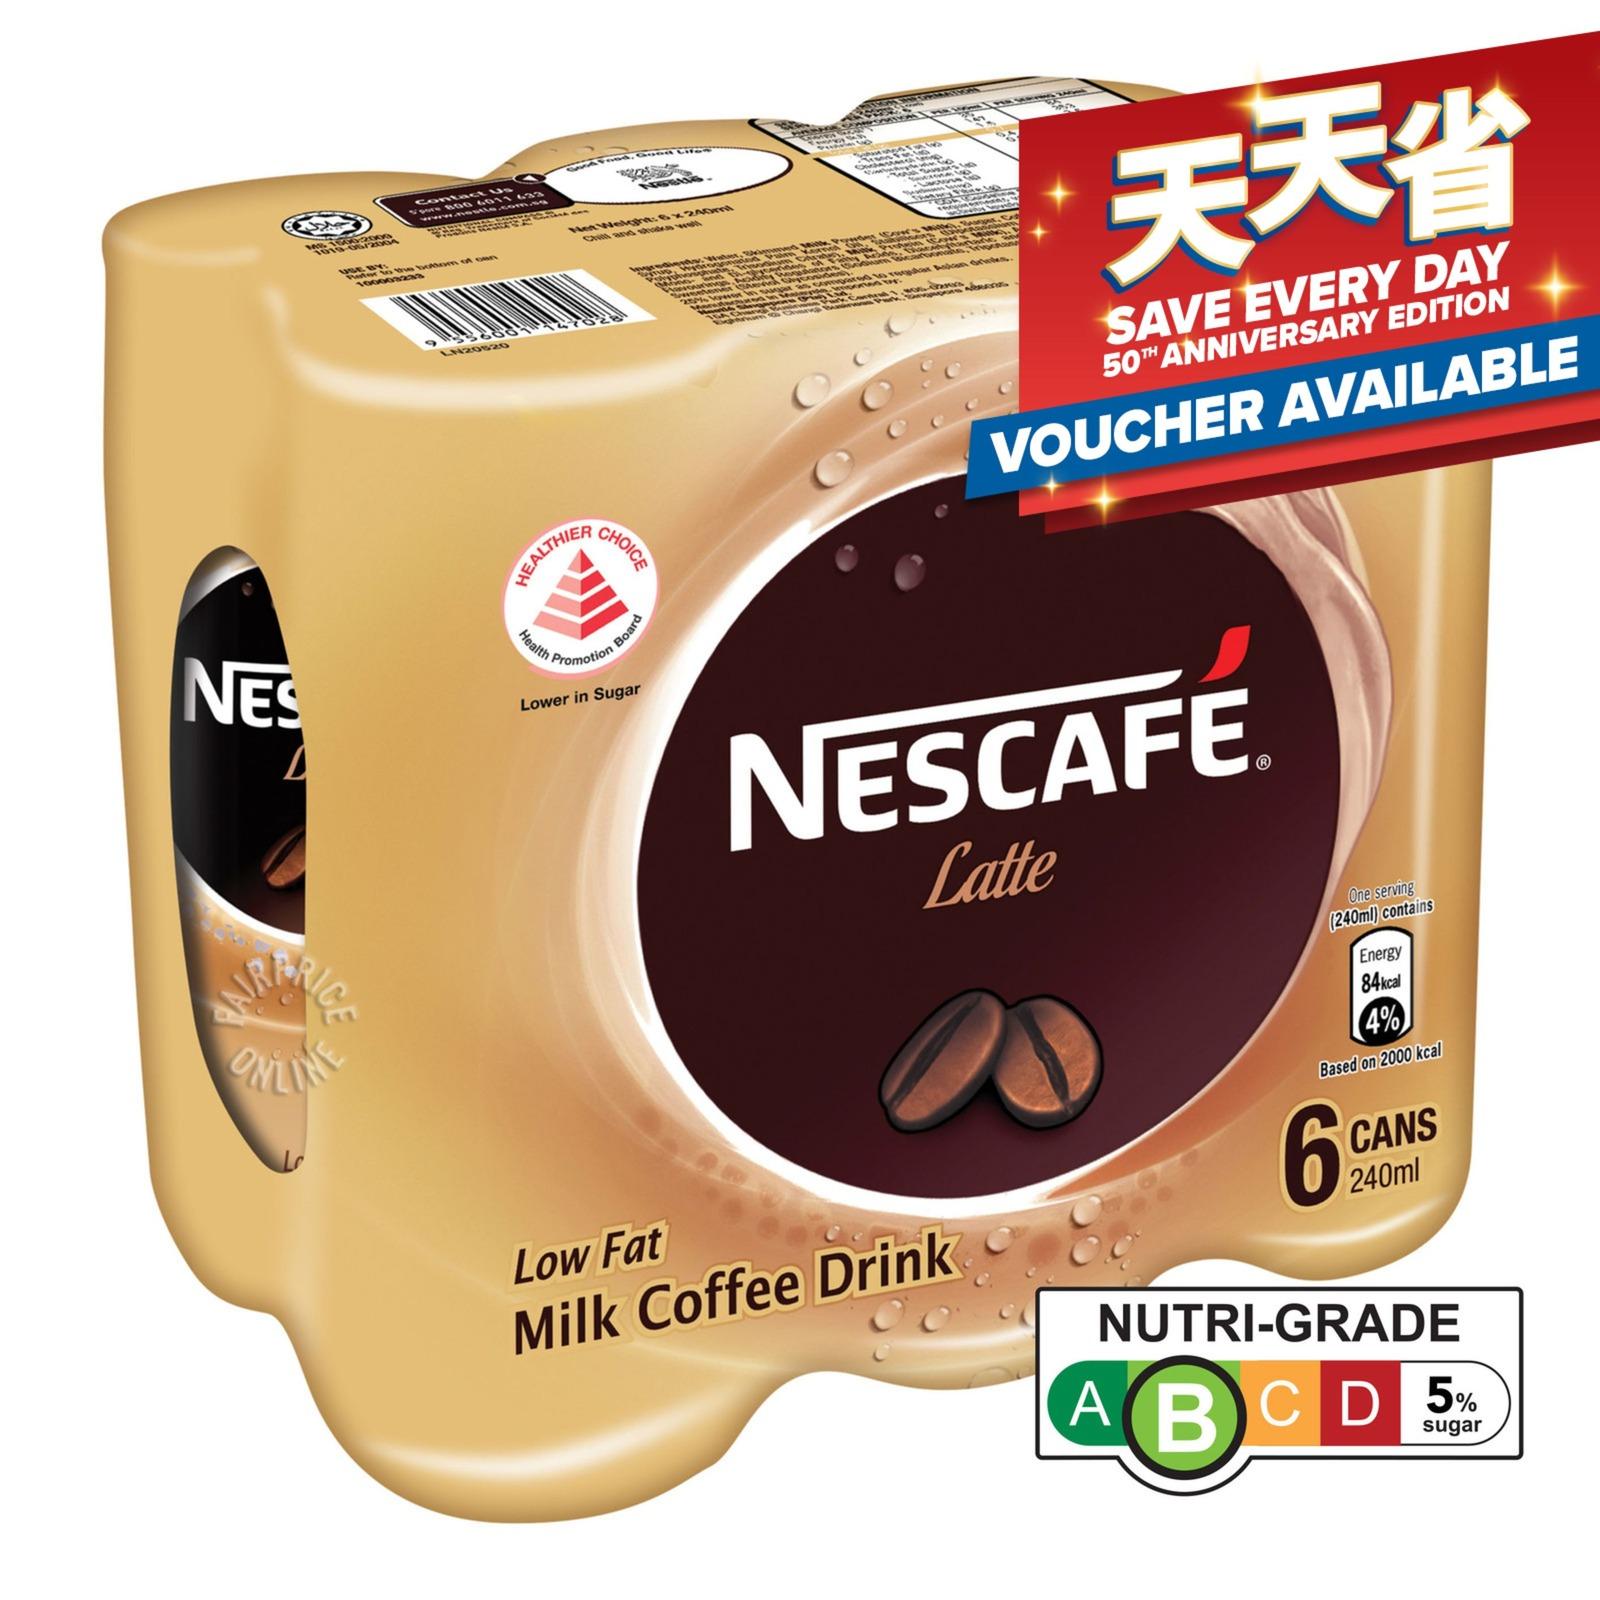 NESCAFE Milk Coffee Drink - Latte 6sX240ml